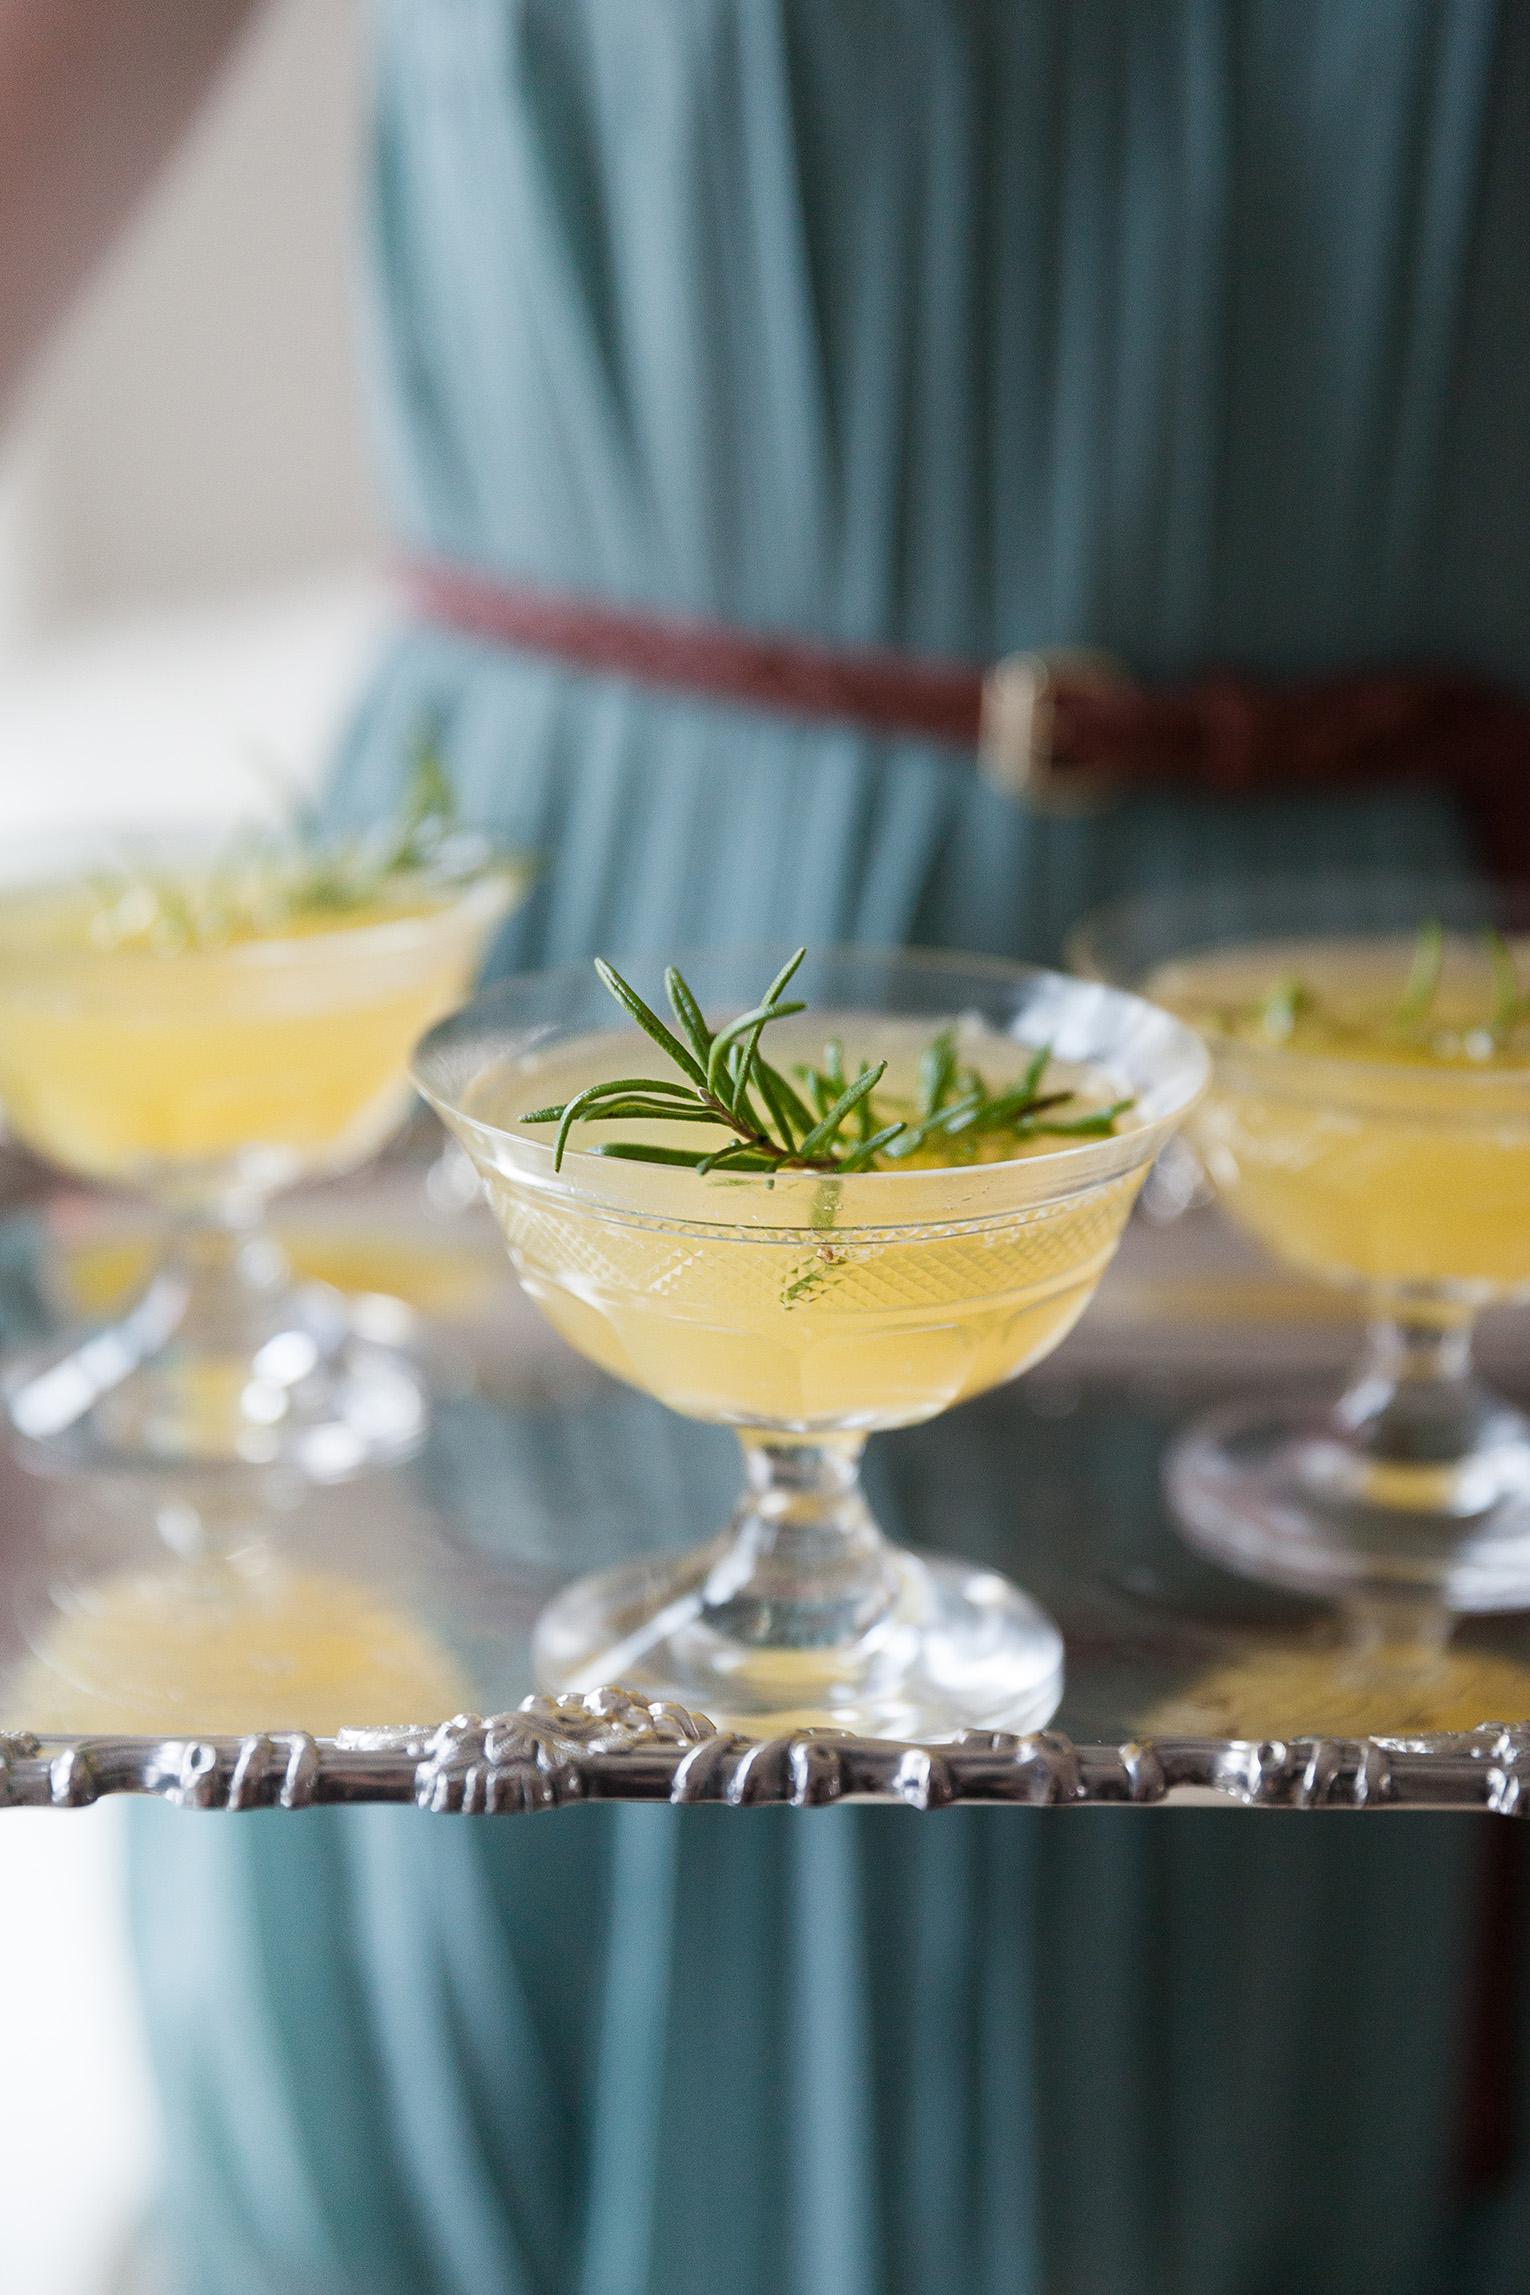 drinkar med rosmarinkvist på silverbricka